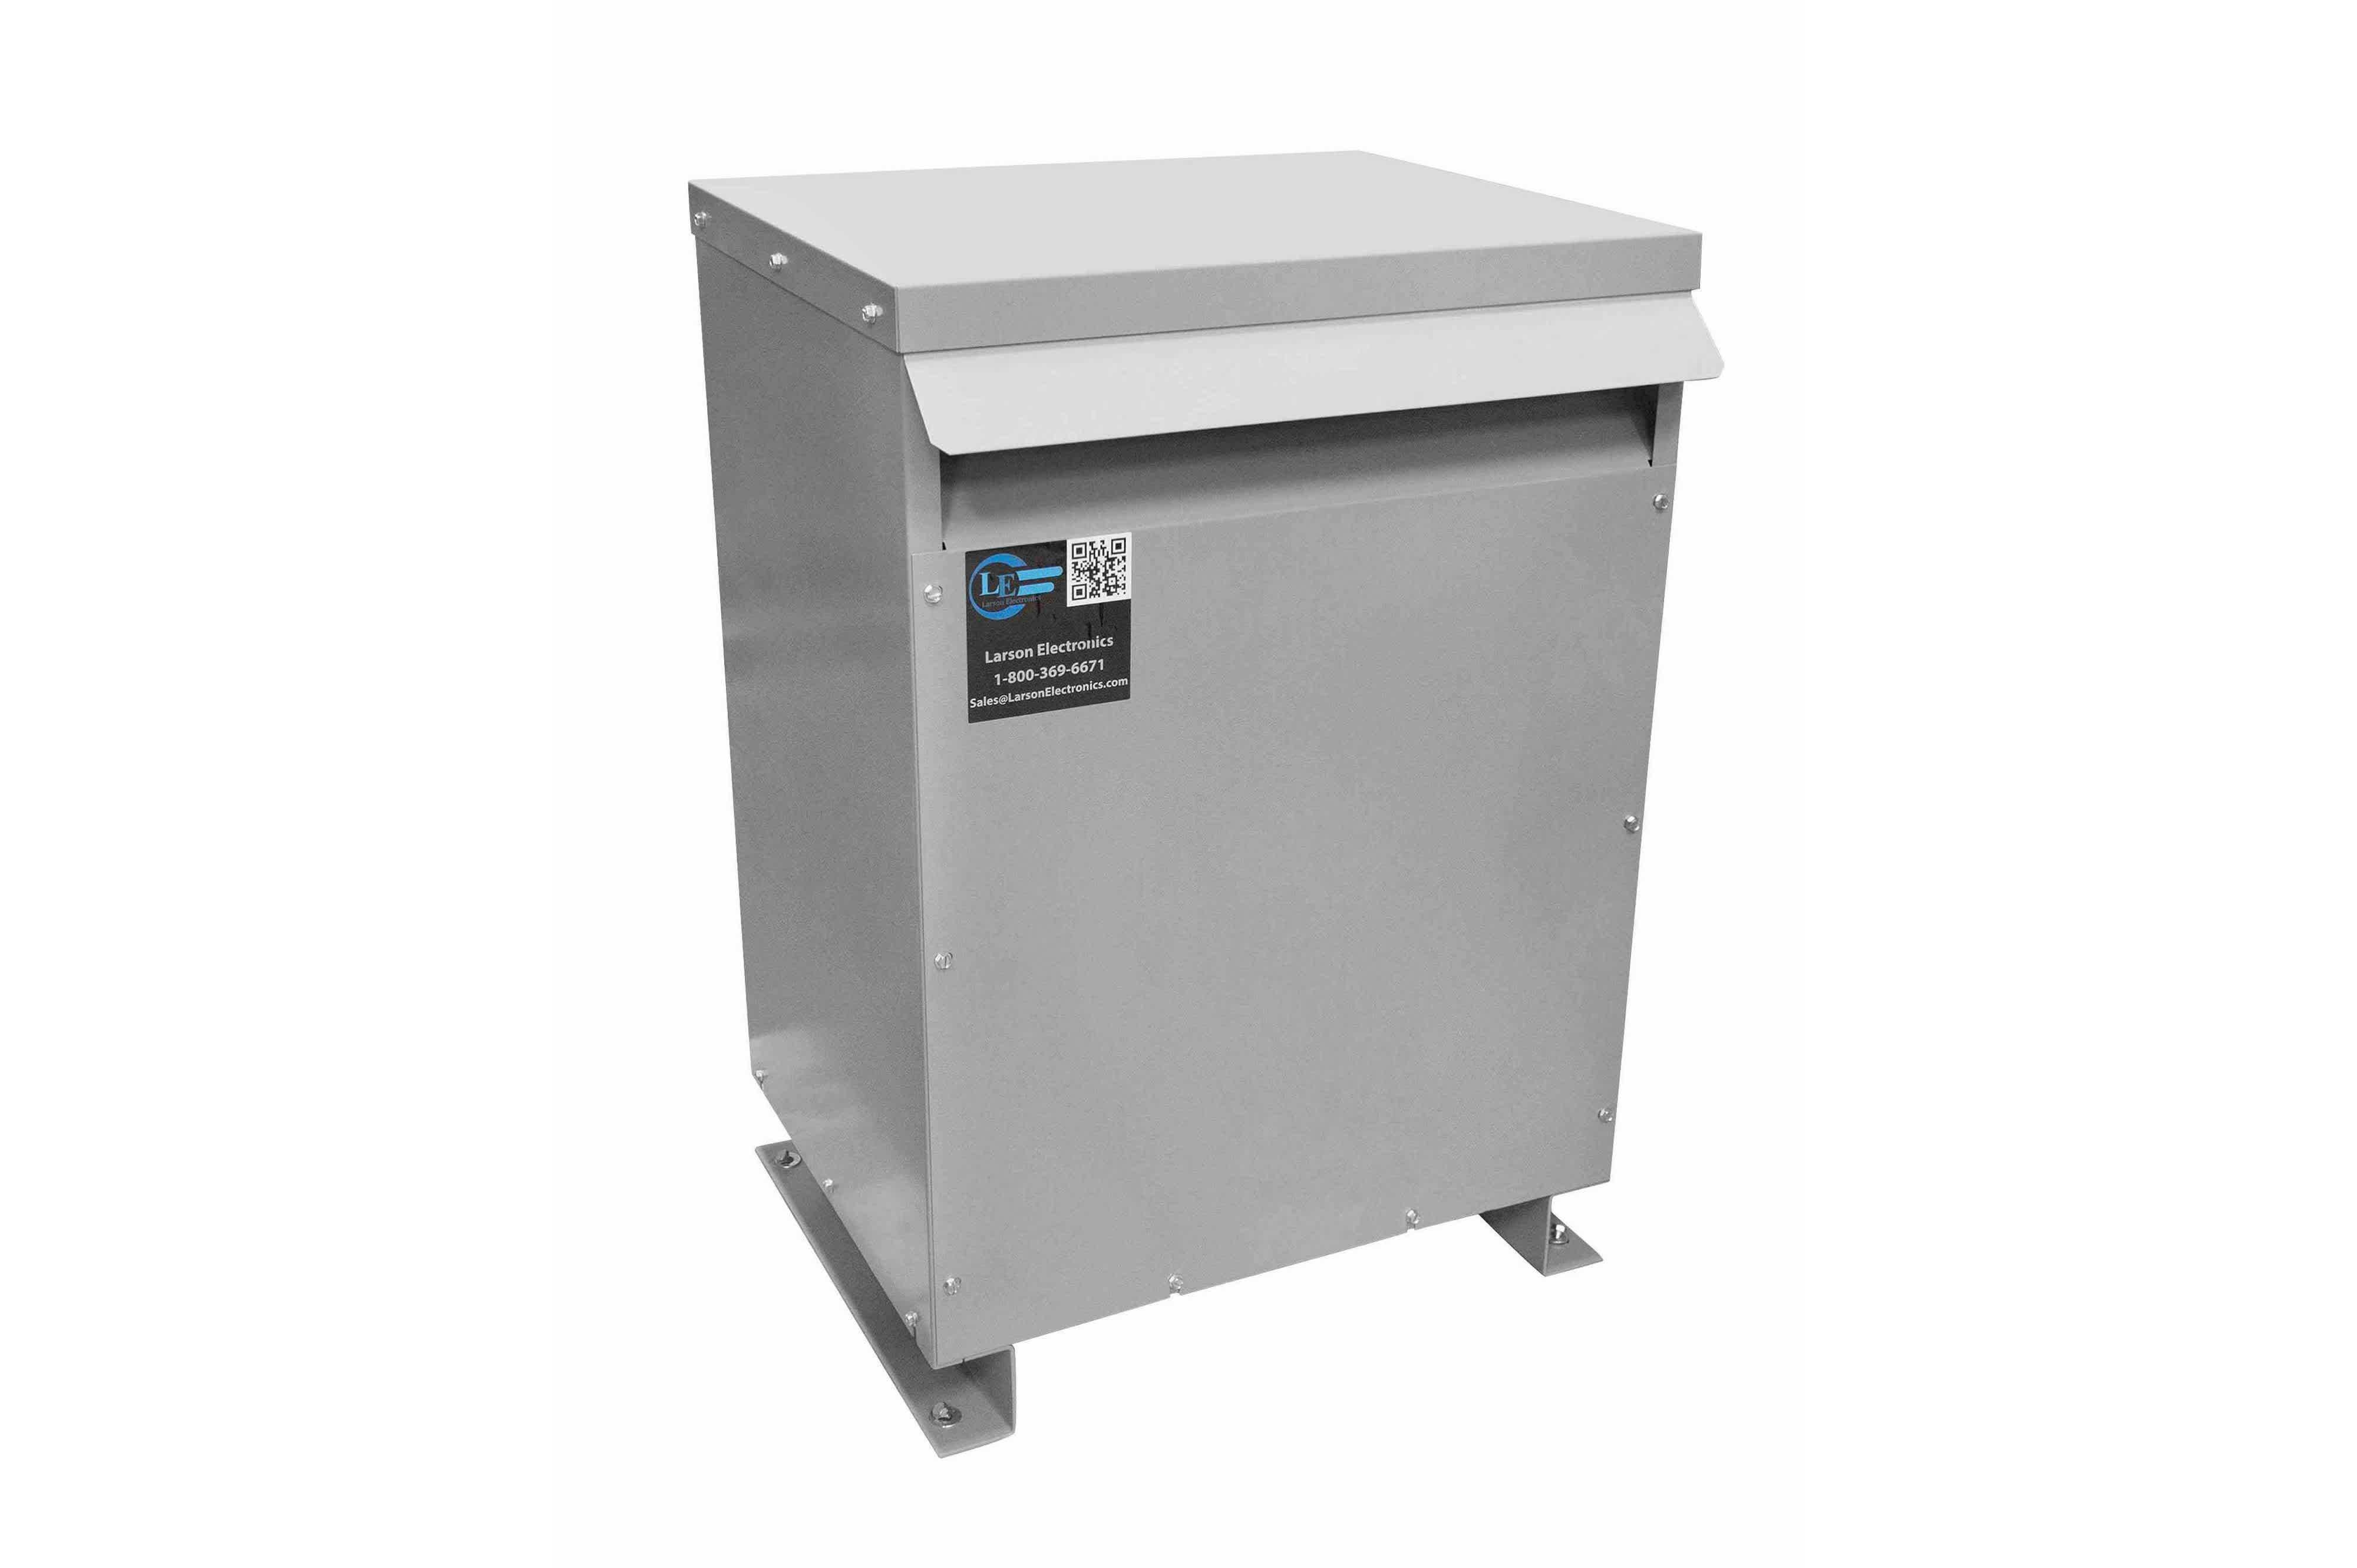 42.5 kVA 3PH Isolation Transformer, 575V Delta Primary, 480V Delta Secondary, N3R, Ventilated, 60 Hz